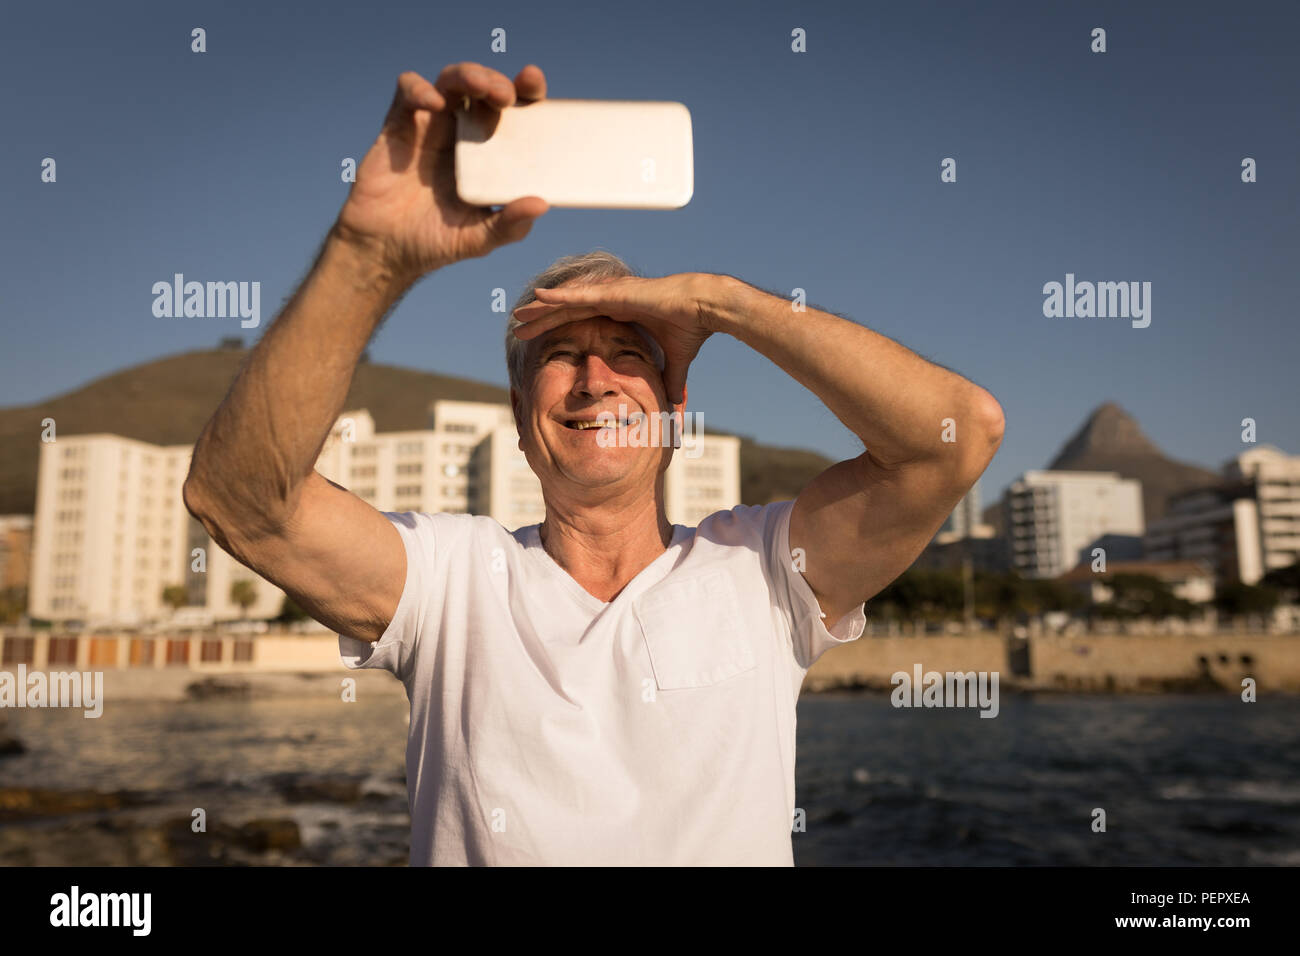 Hombre Senior teniendo selfie cerca, al lado del mar Imagen De Stock